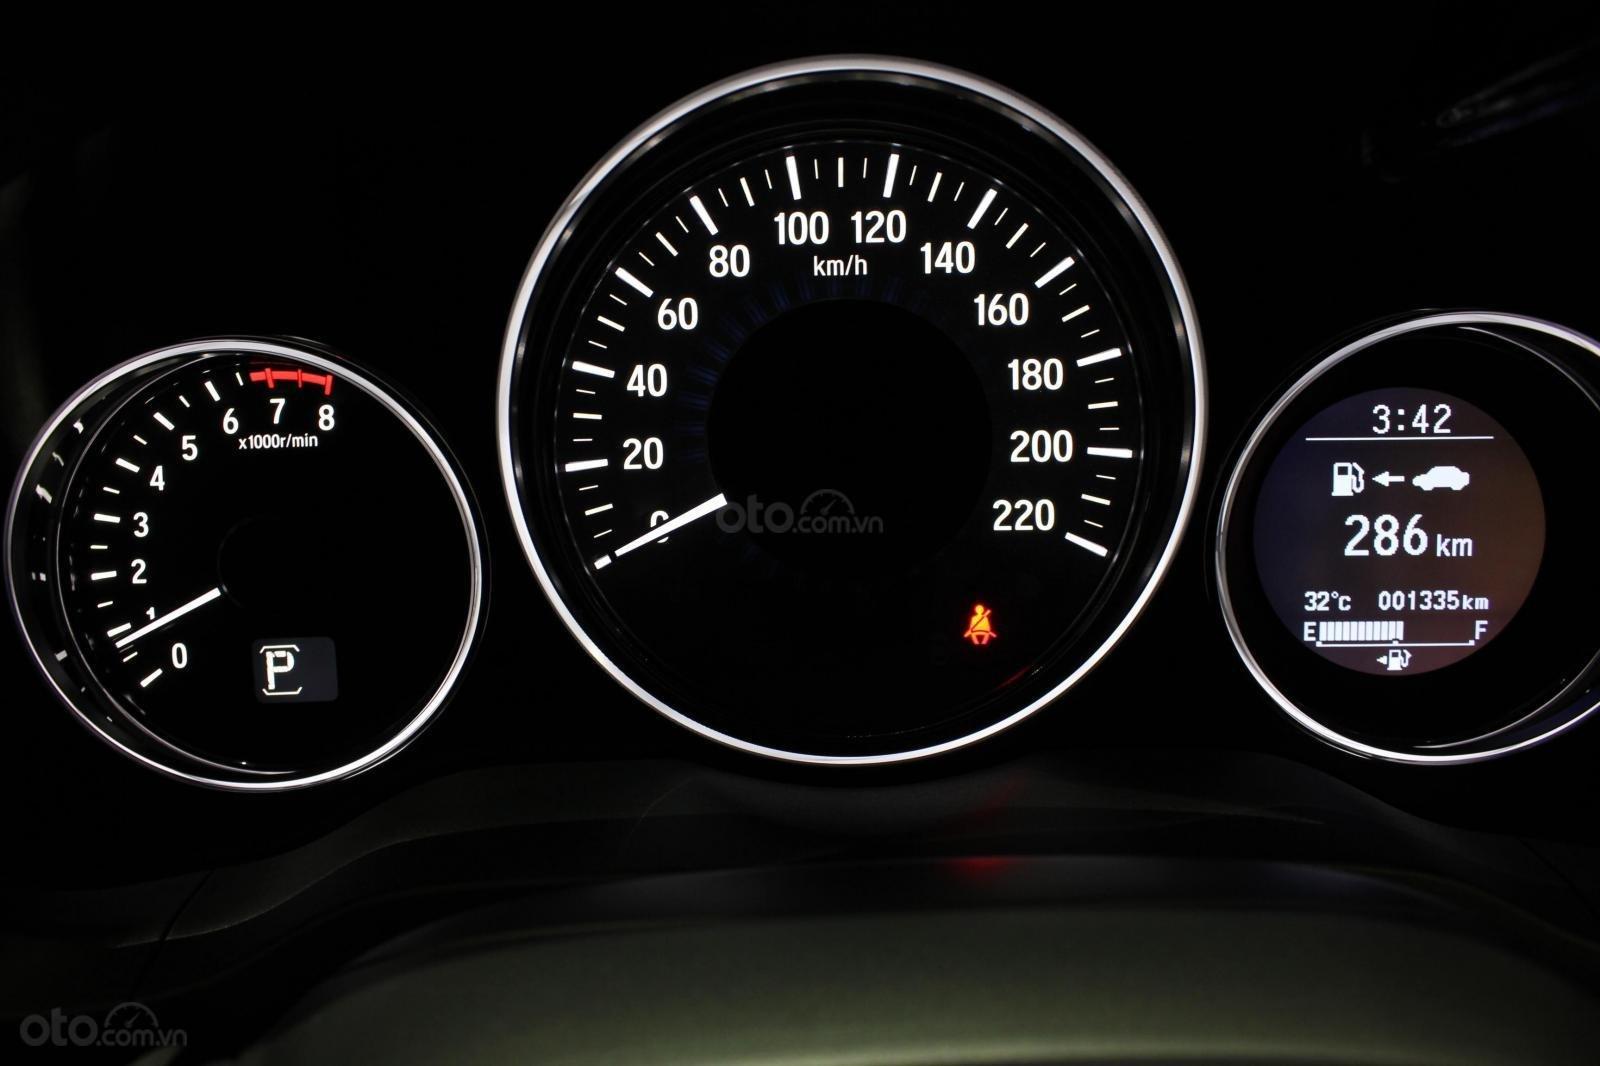 Cần bán xe Honda HR-V bản L 1.8AT SX 2018, màu đen, nhập Thái, siêu lướt 1300km, biển SG (11)